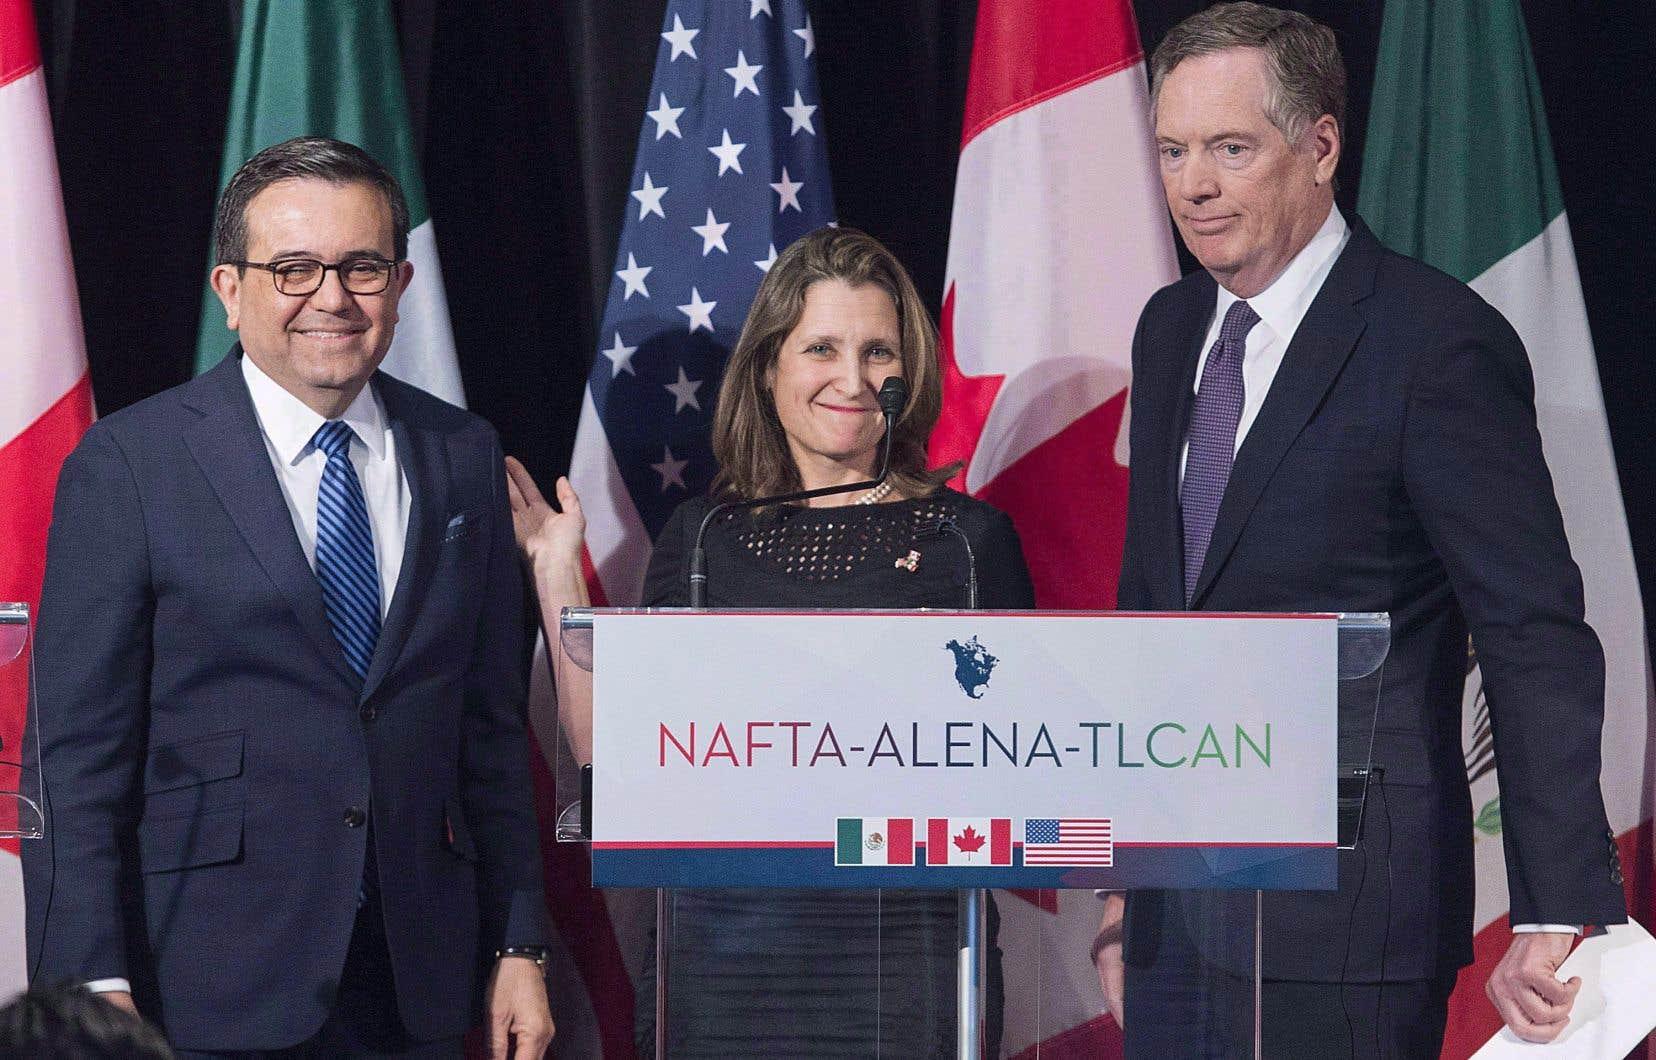 De gauche à droite, le ministre mexicain de l'Économie, Ildefonso Guajardo,la ministre canadienne des Affaires étrangères, Chrystia Freeland, etle représentant américain au Commerce, Robert Lighthizer